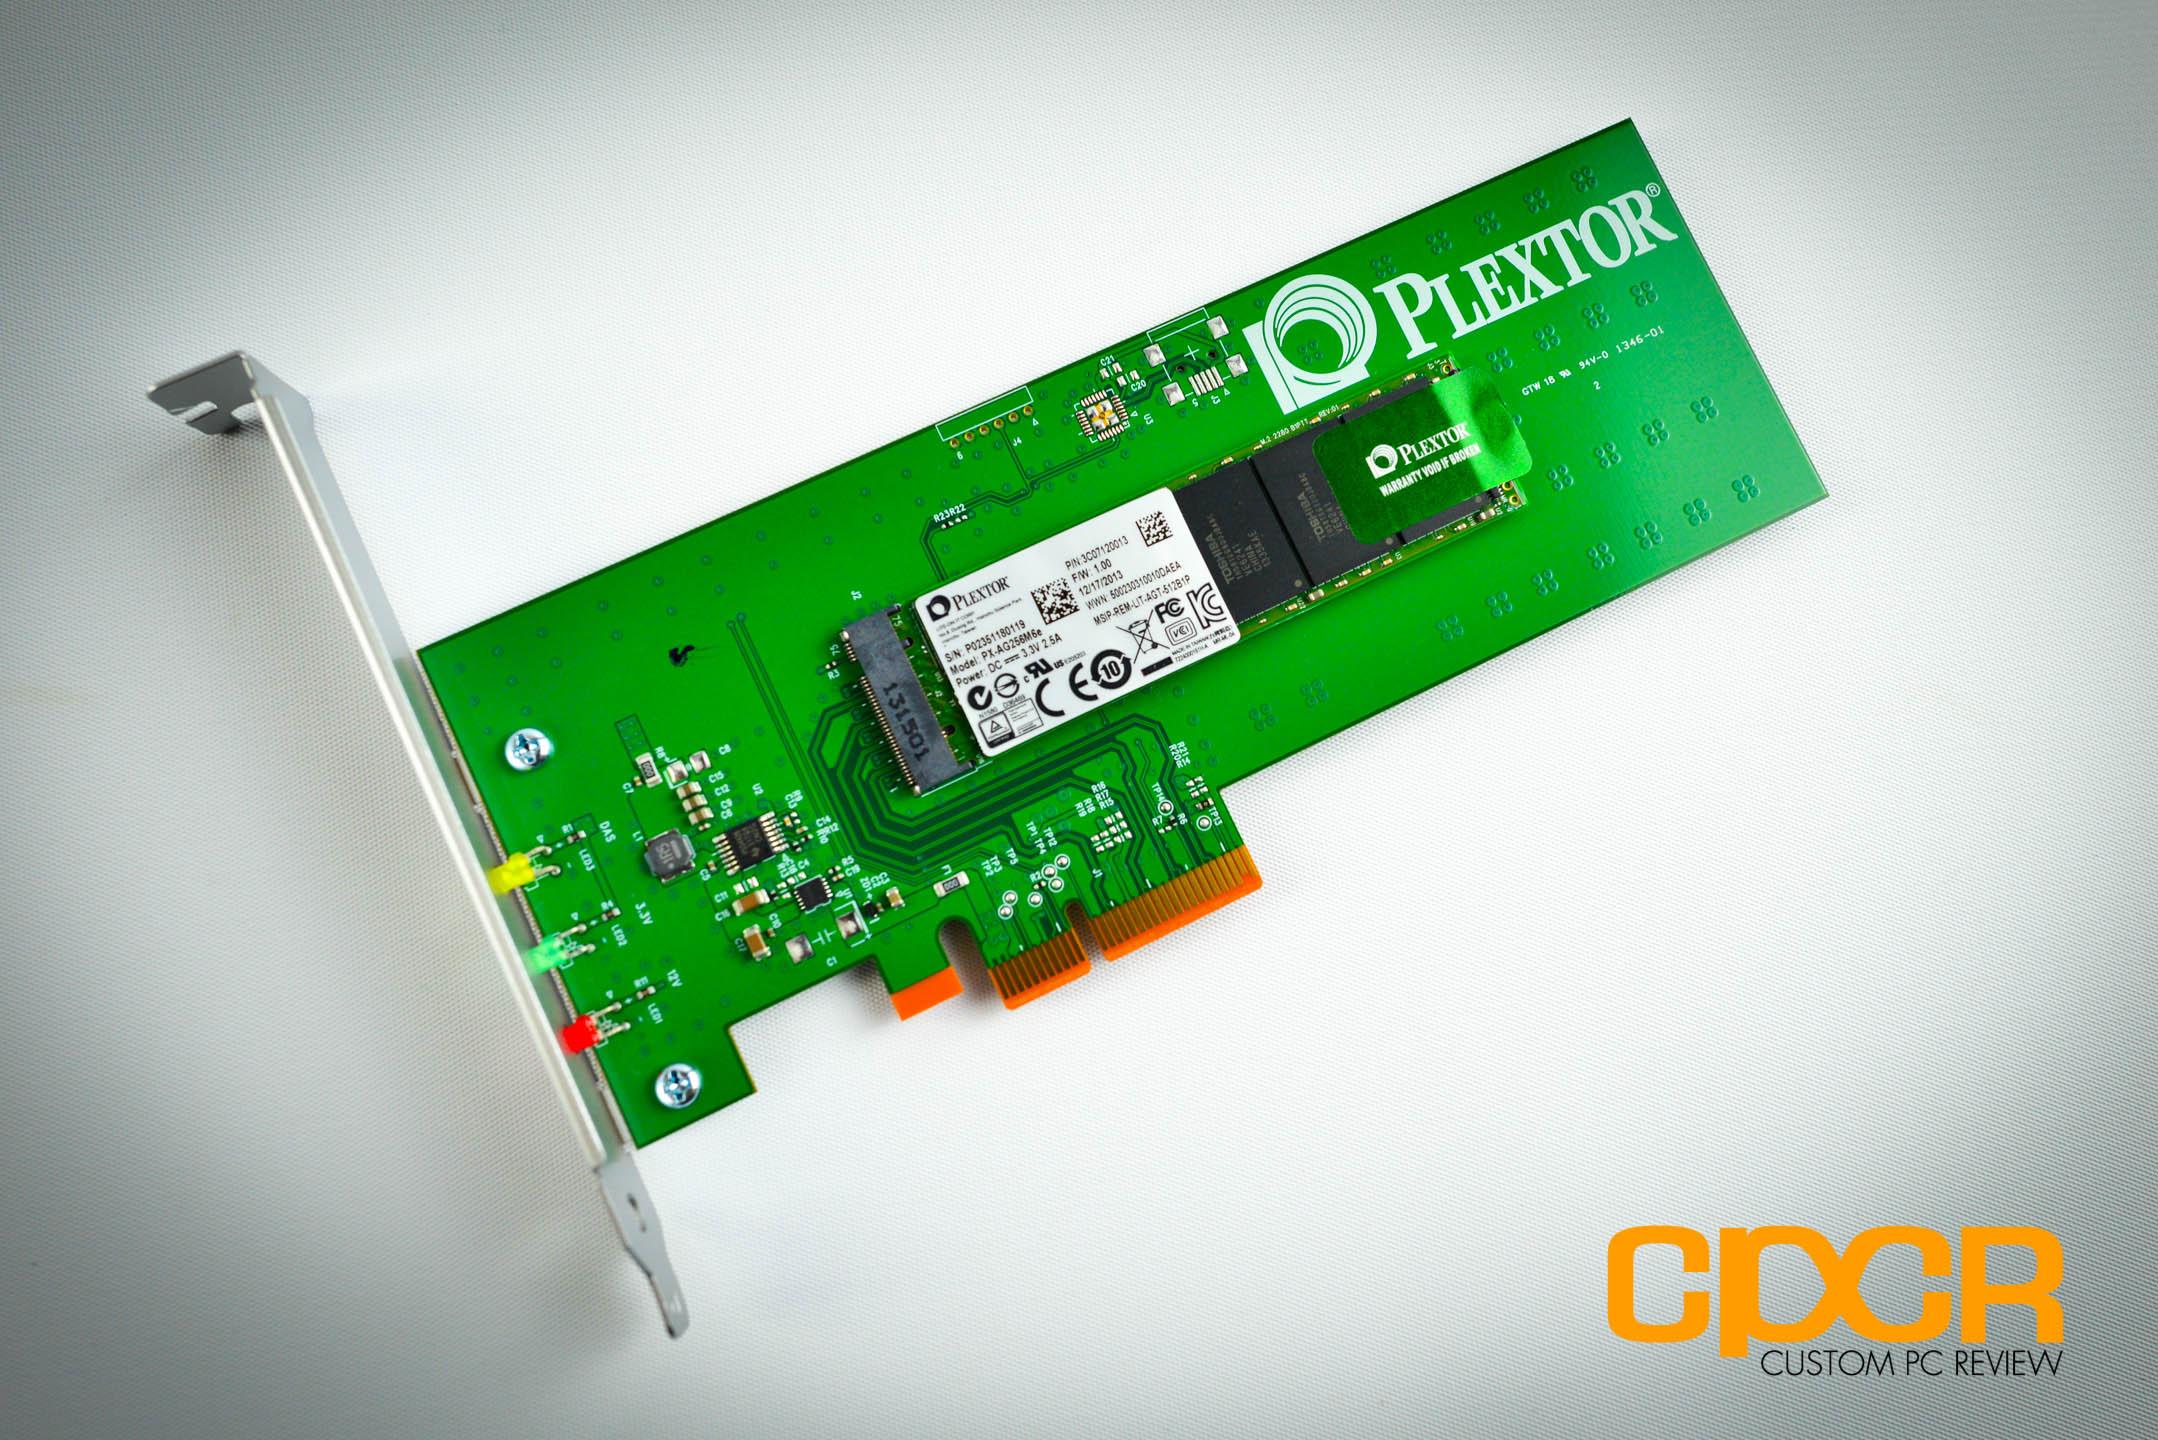 New Driver: Plextor PX-M2